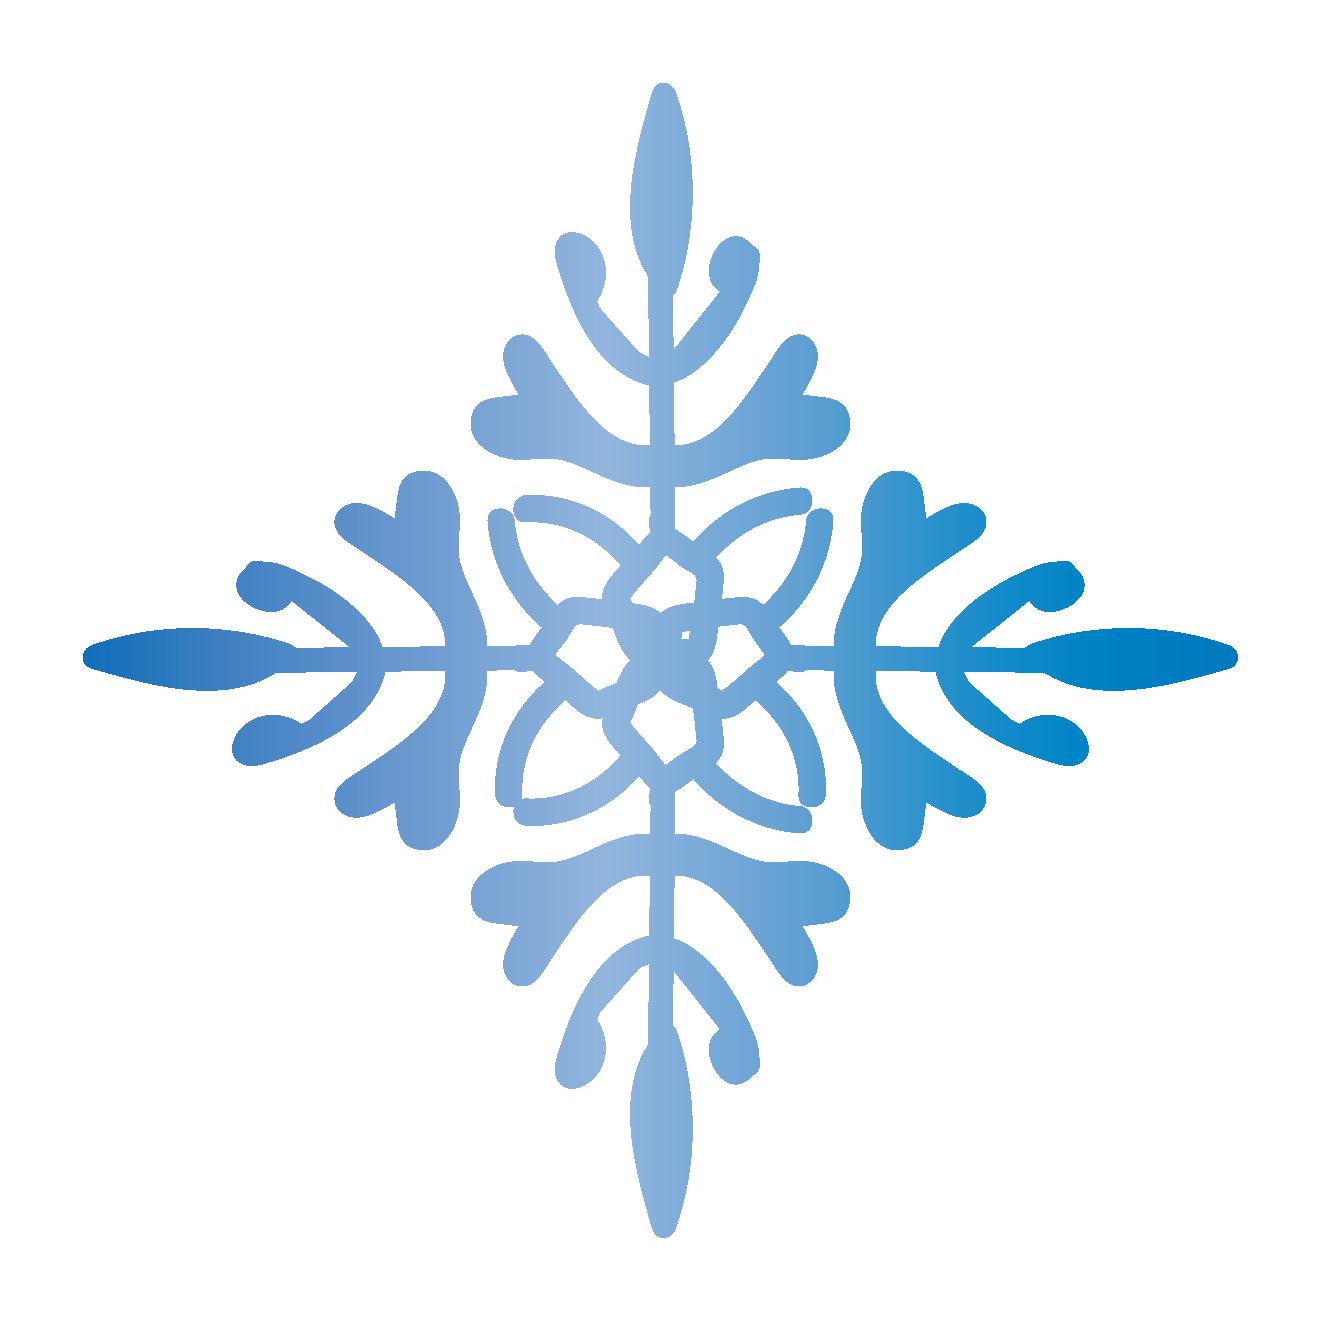 冬!お花模様のような雪の結晶 フリー イラスト!